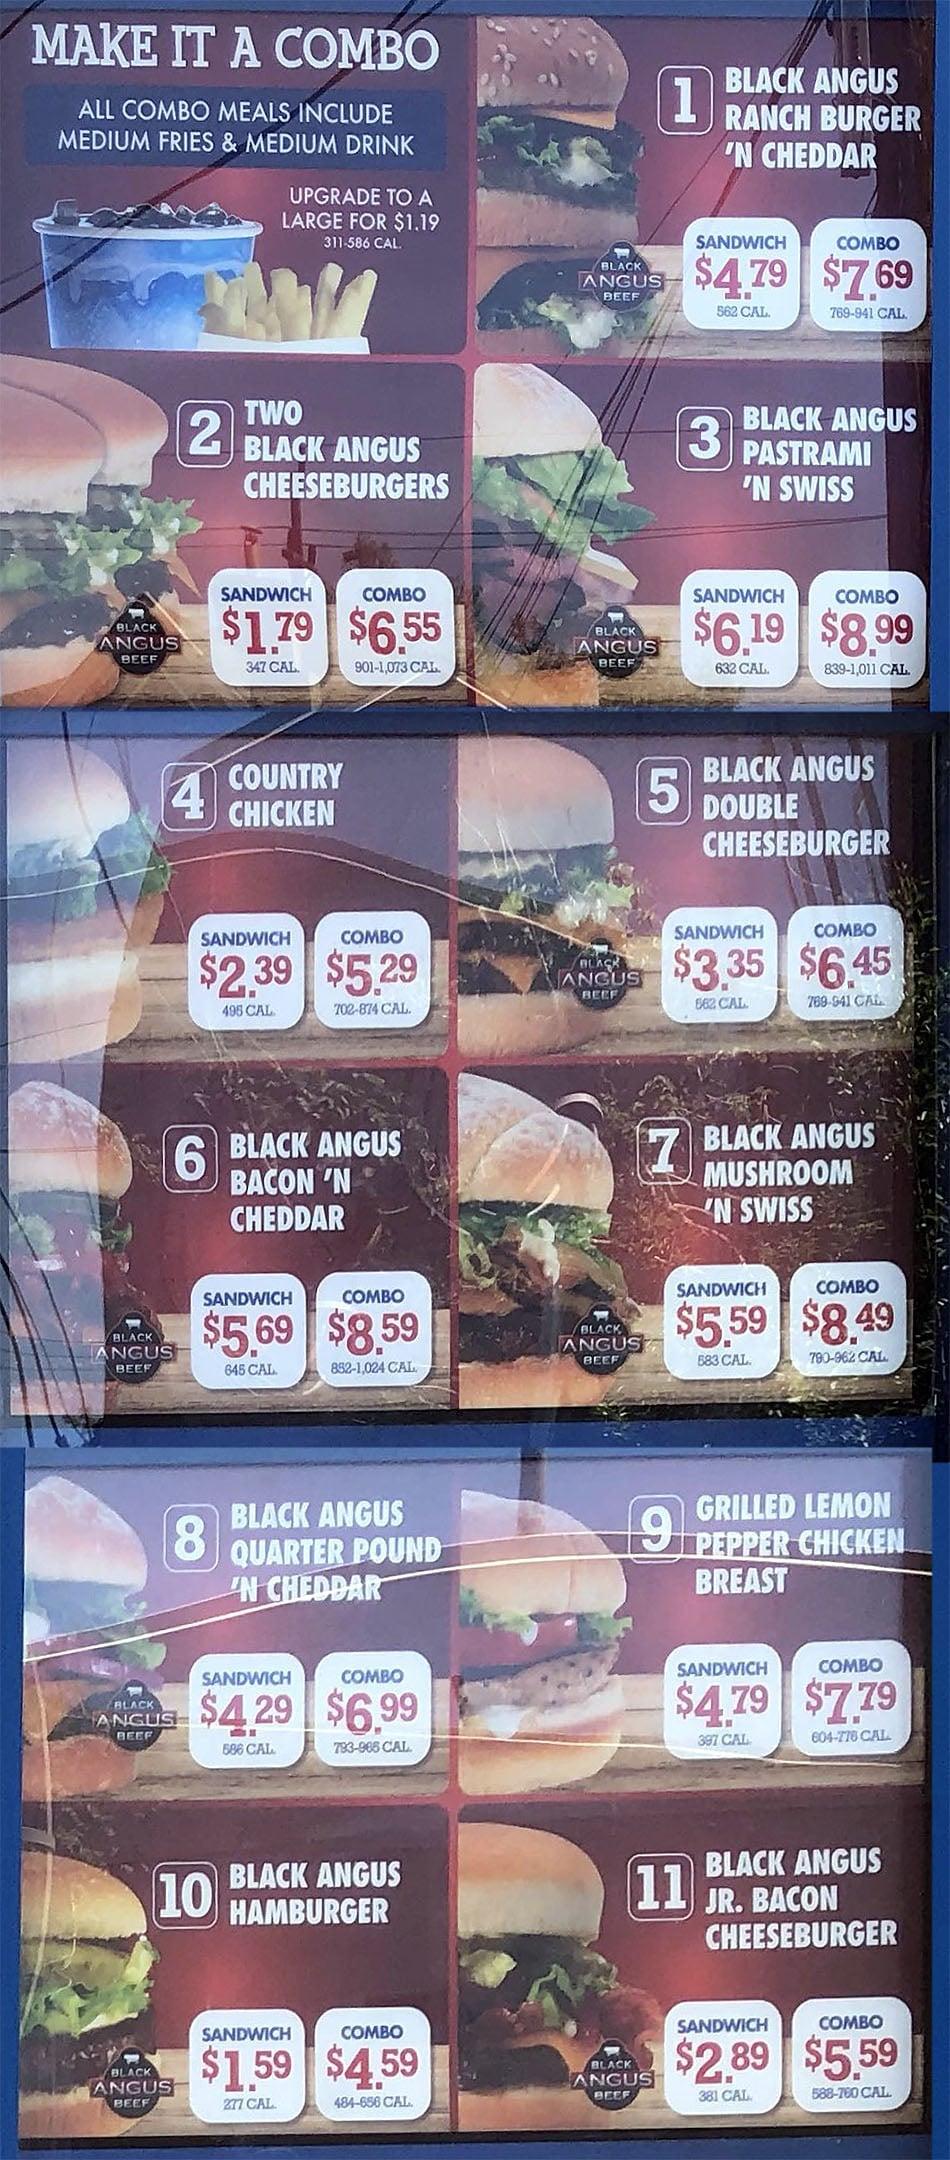 Arctic Circle menu - combos